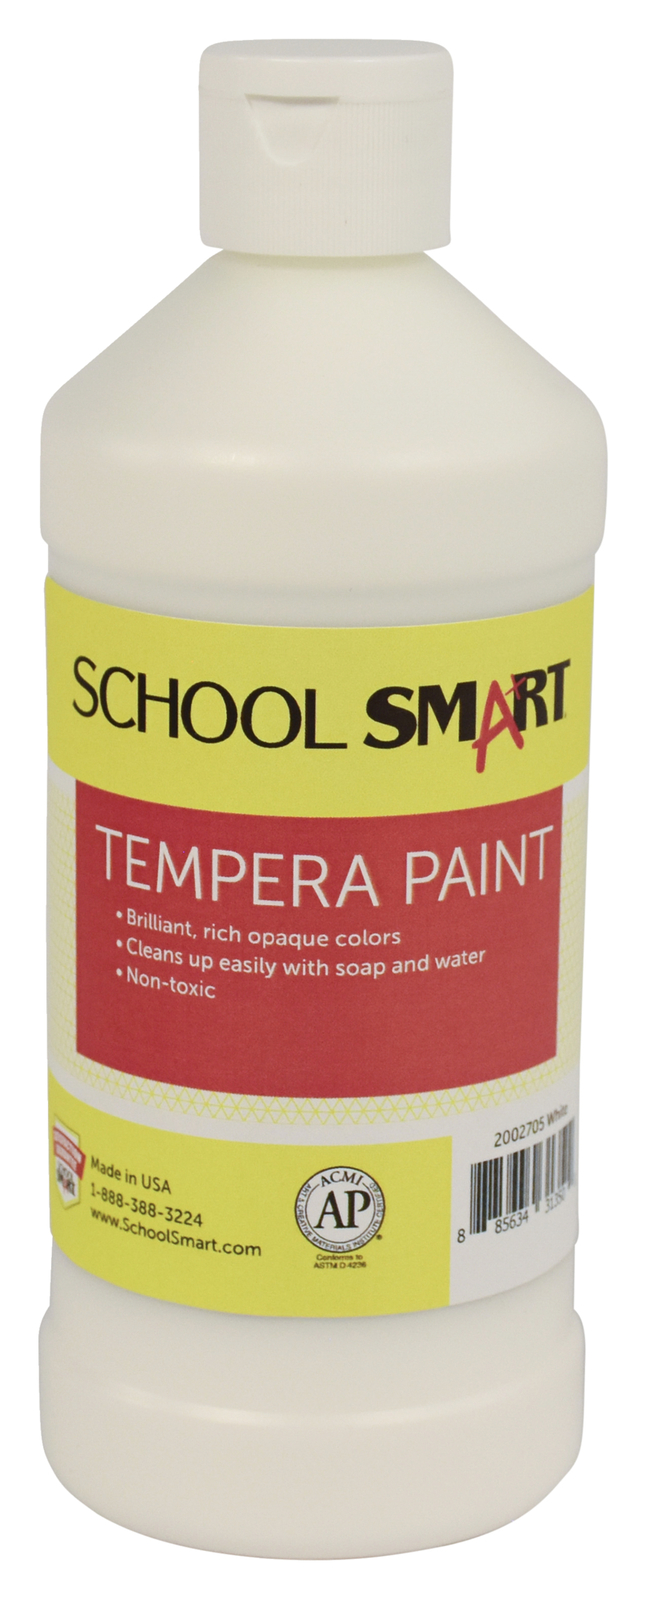 Tempera Paint, Item Number 2002705